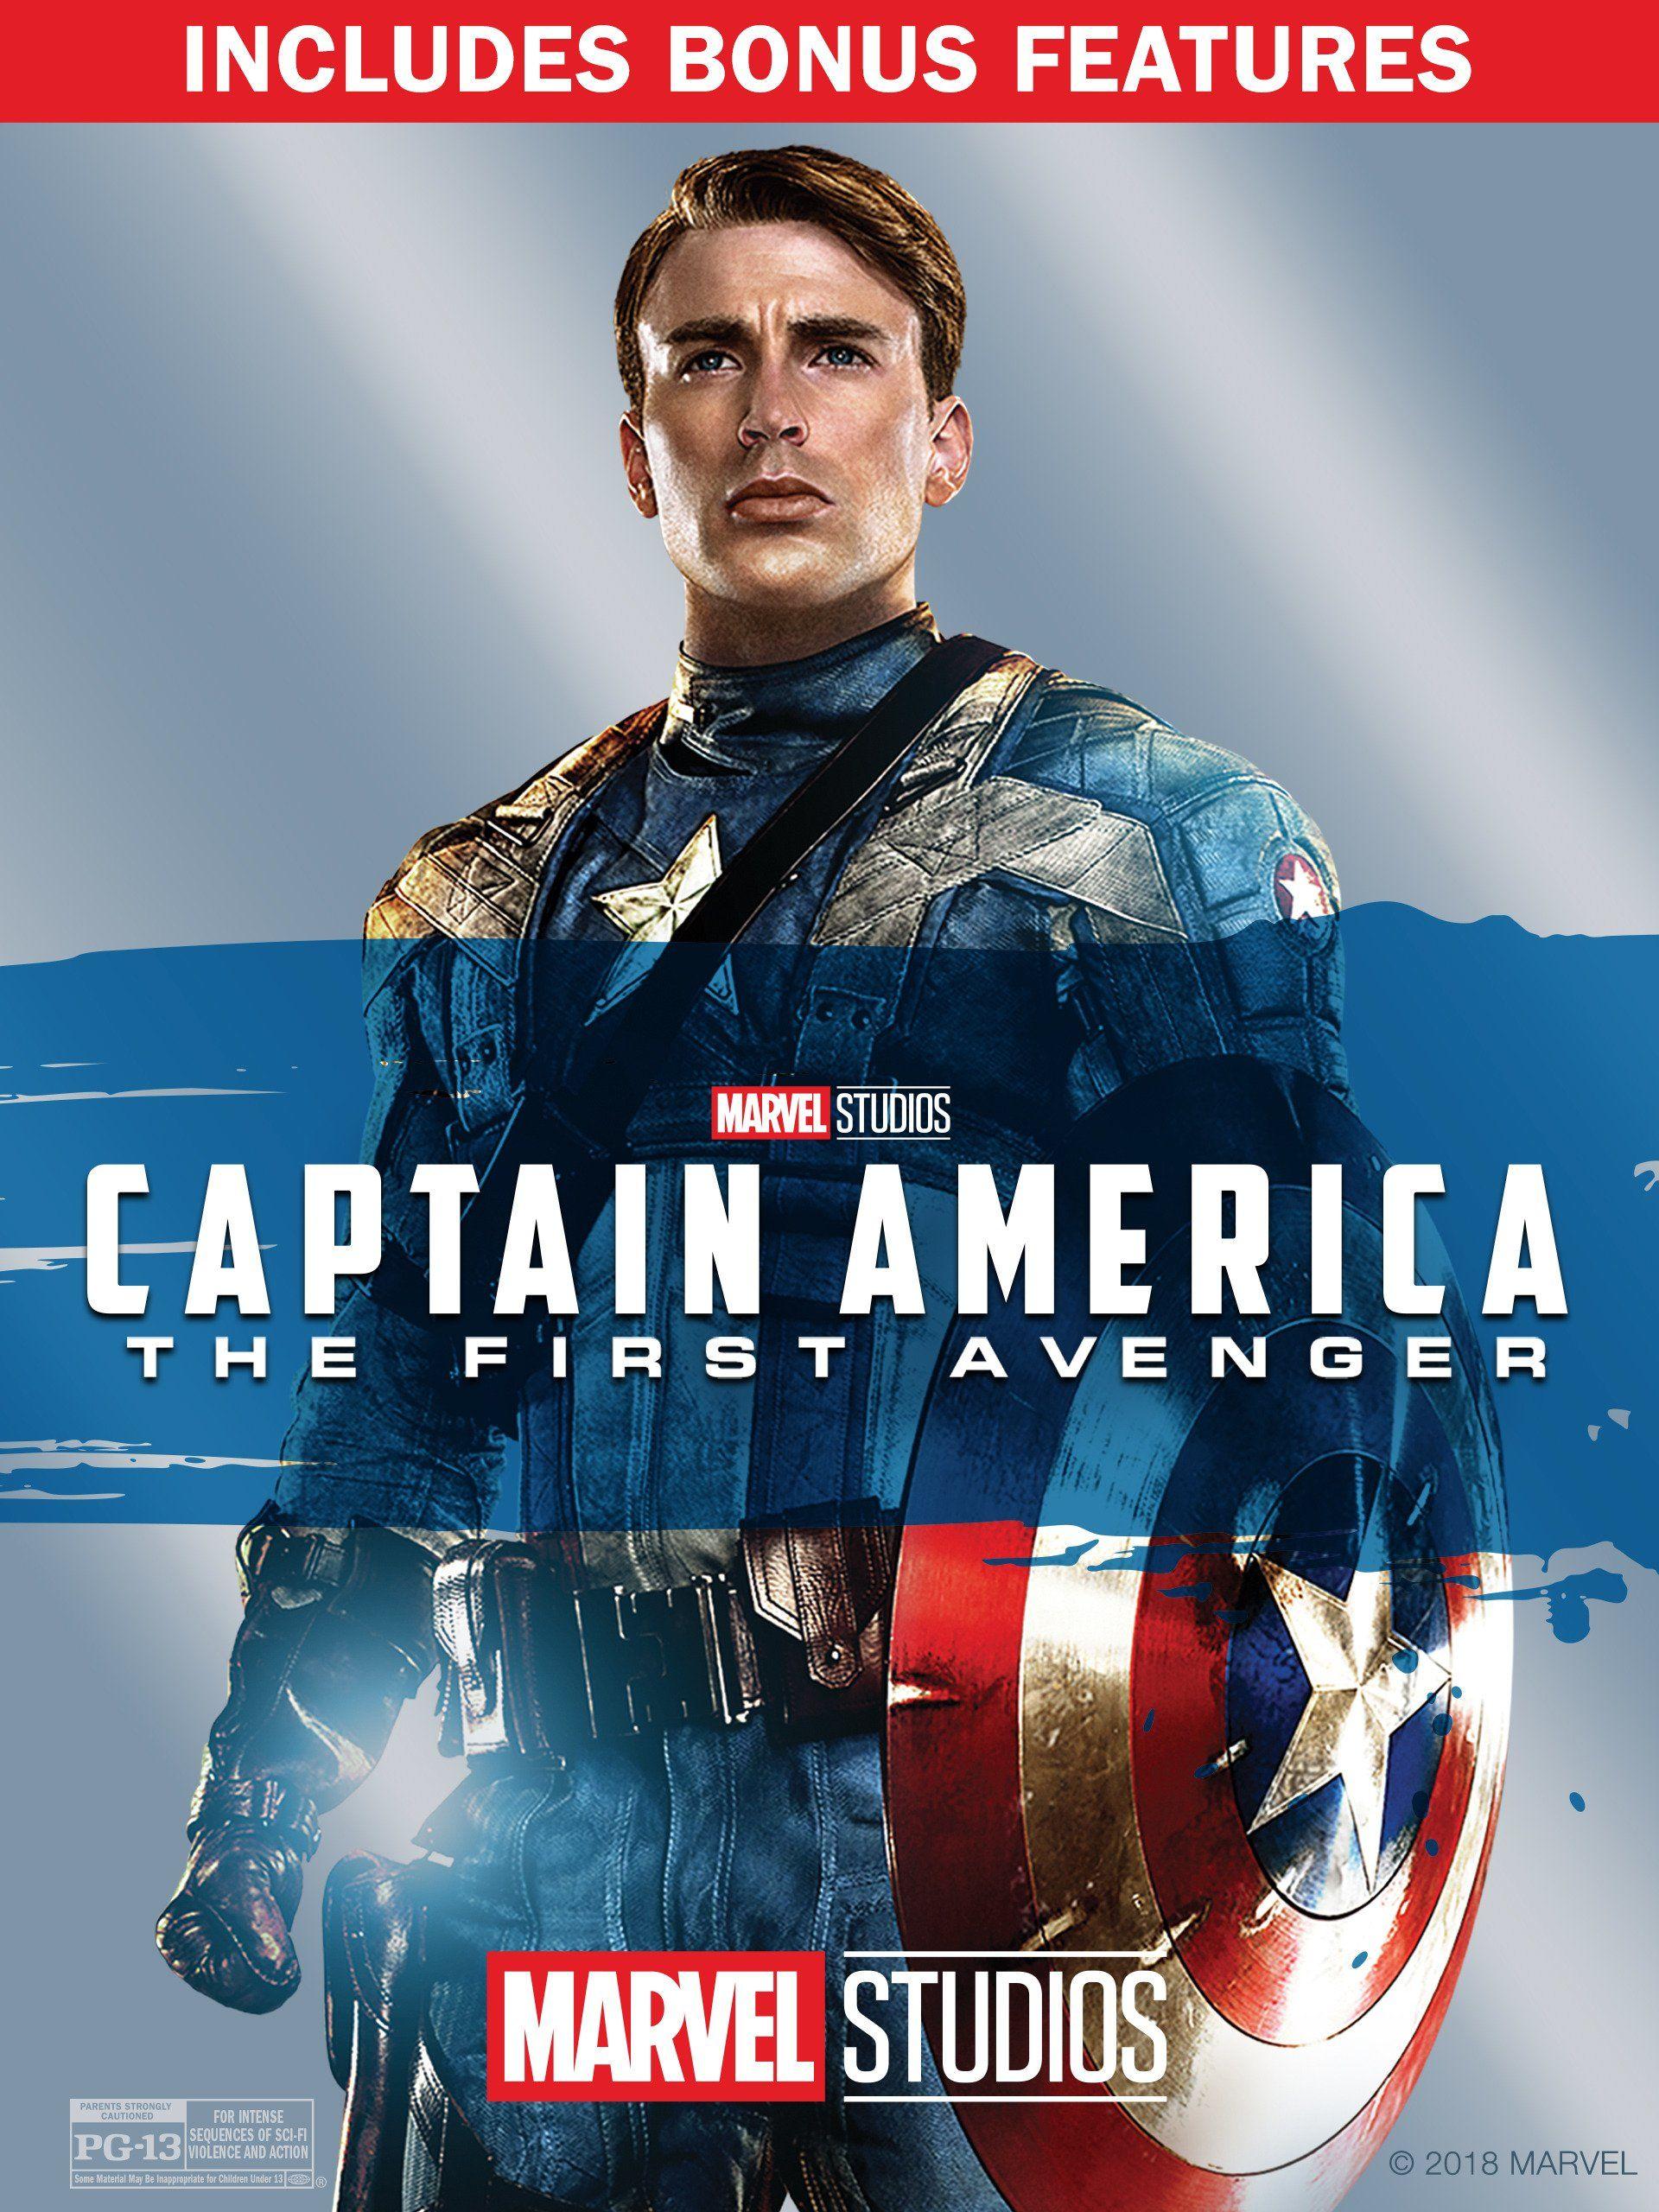 Capitan America El Primer Vengador 2011 Captain America Movie Captain America Captain America Poster